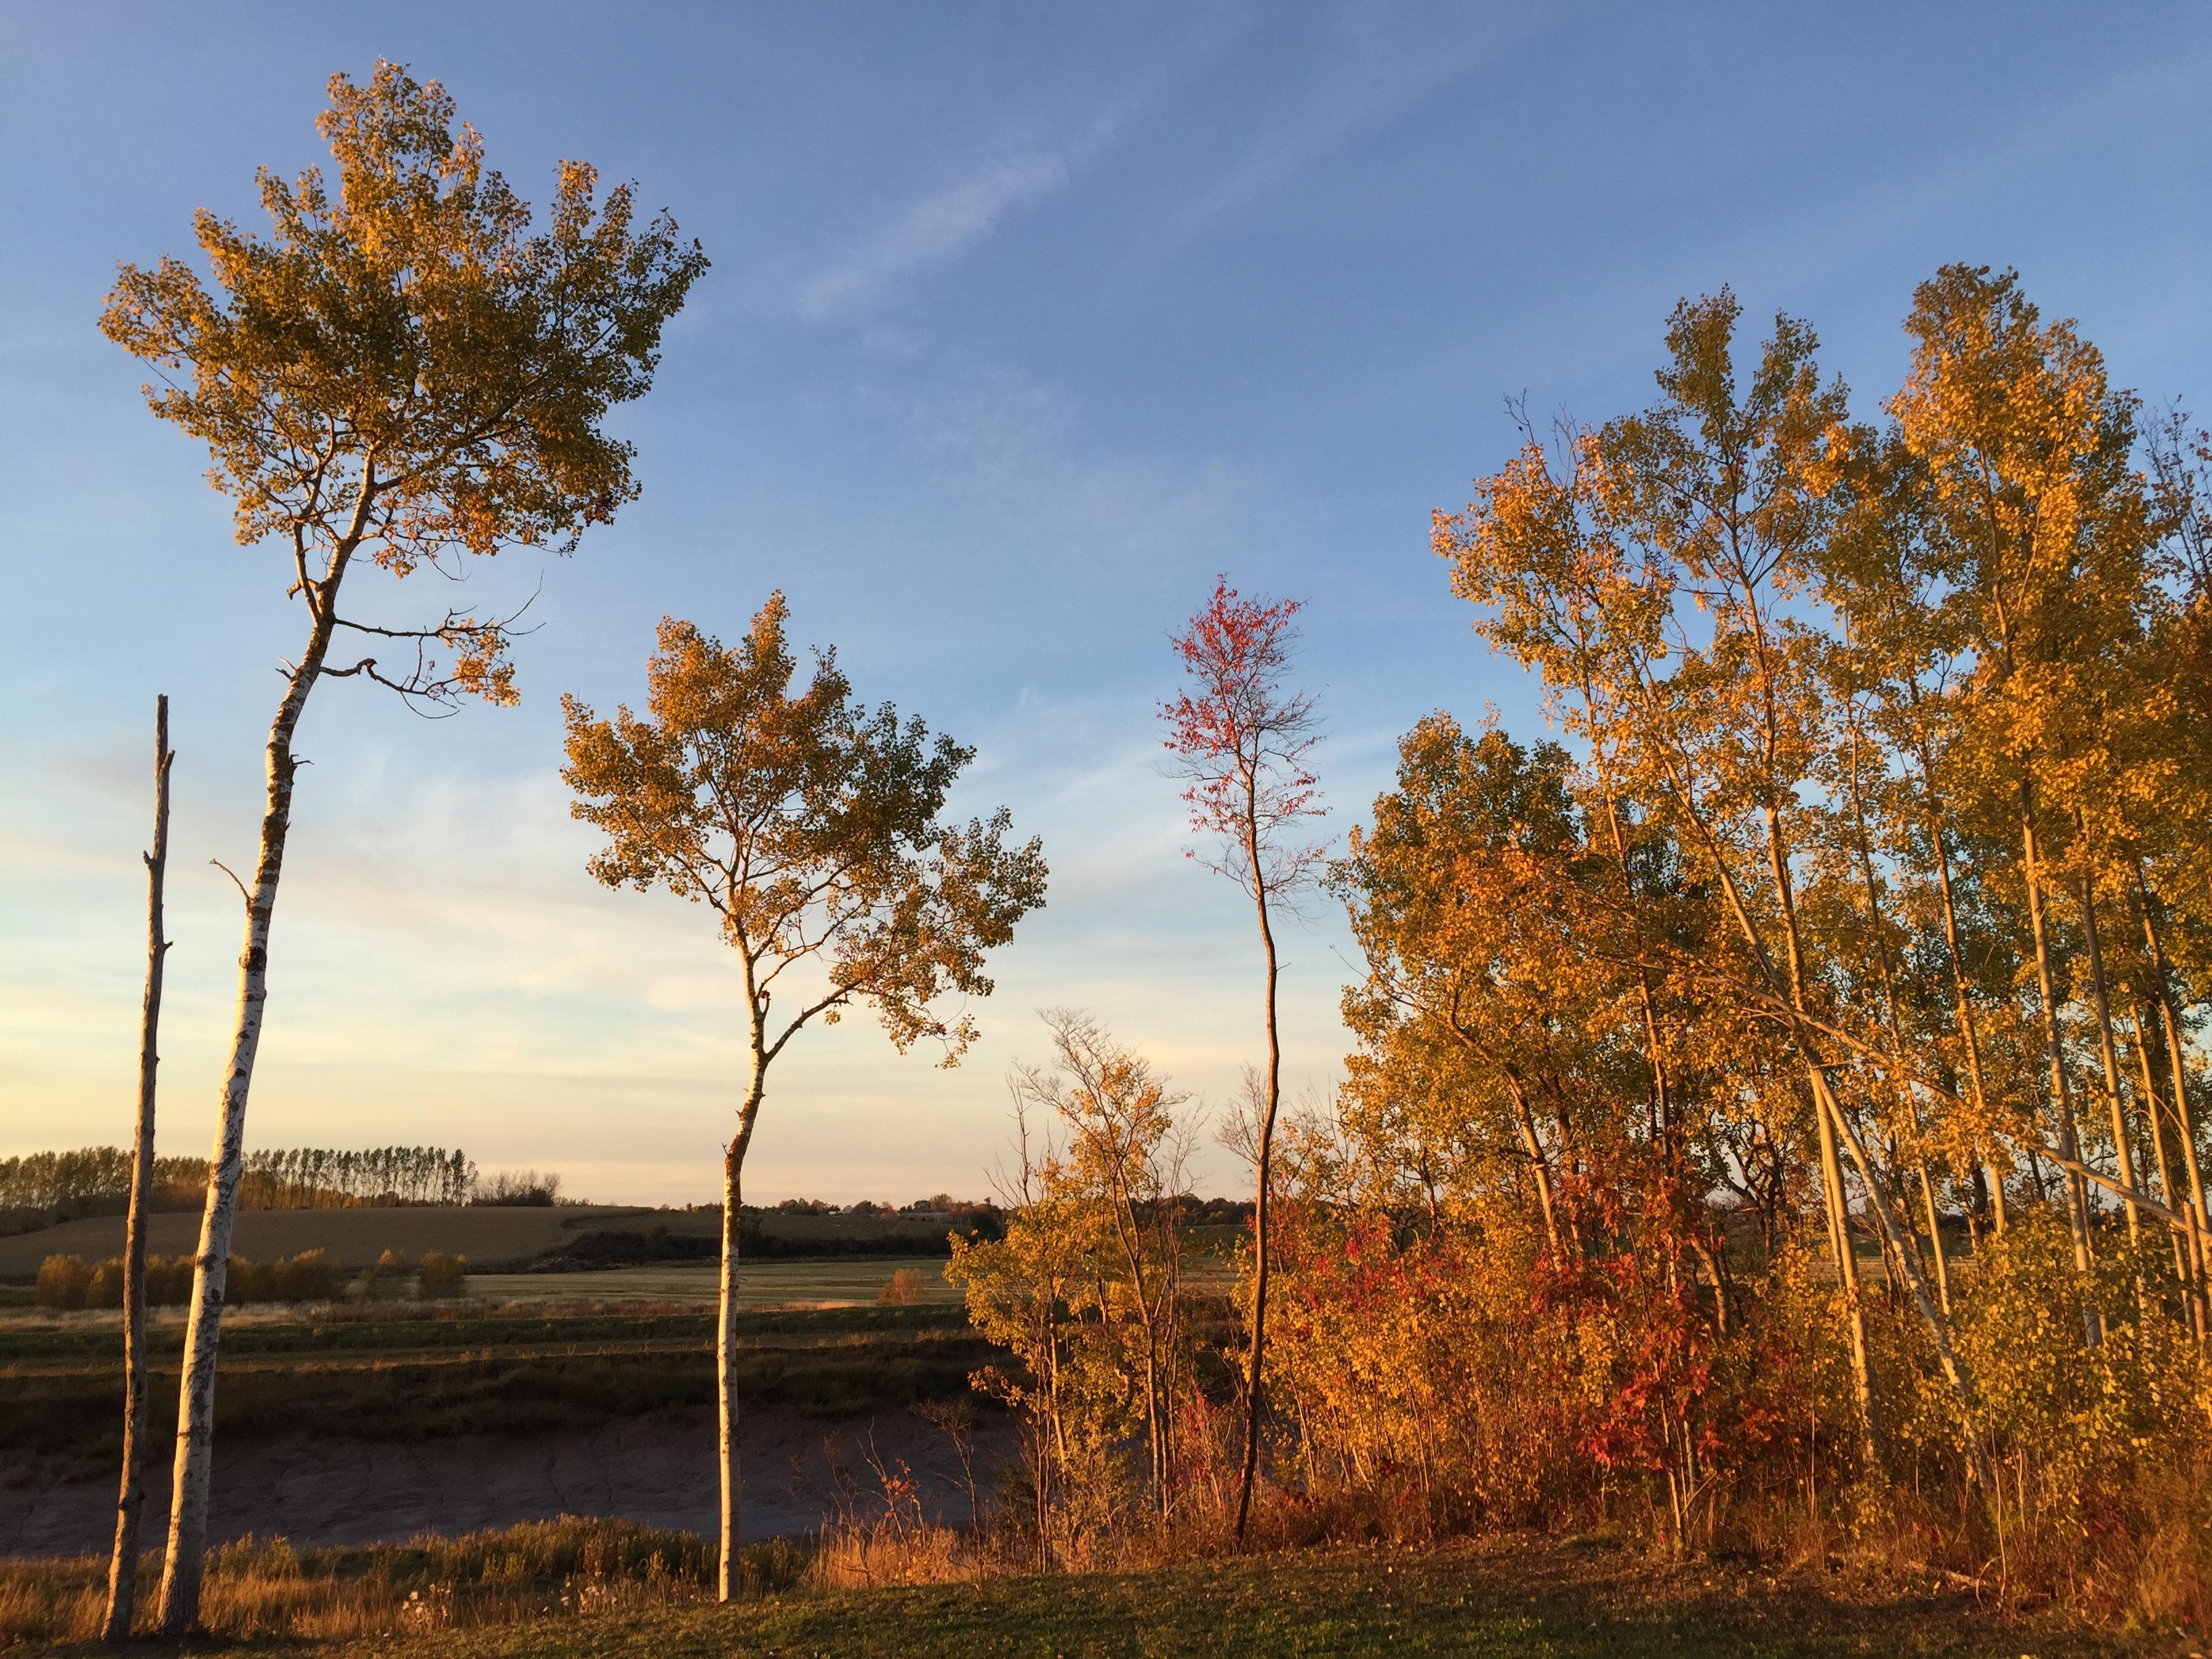 john keats to autumn the splendor of autumn